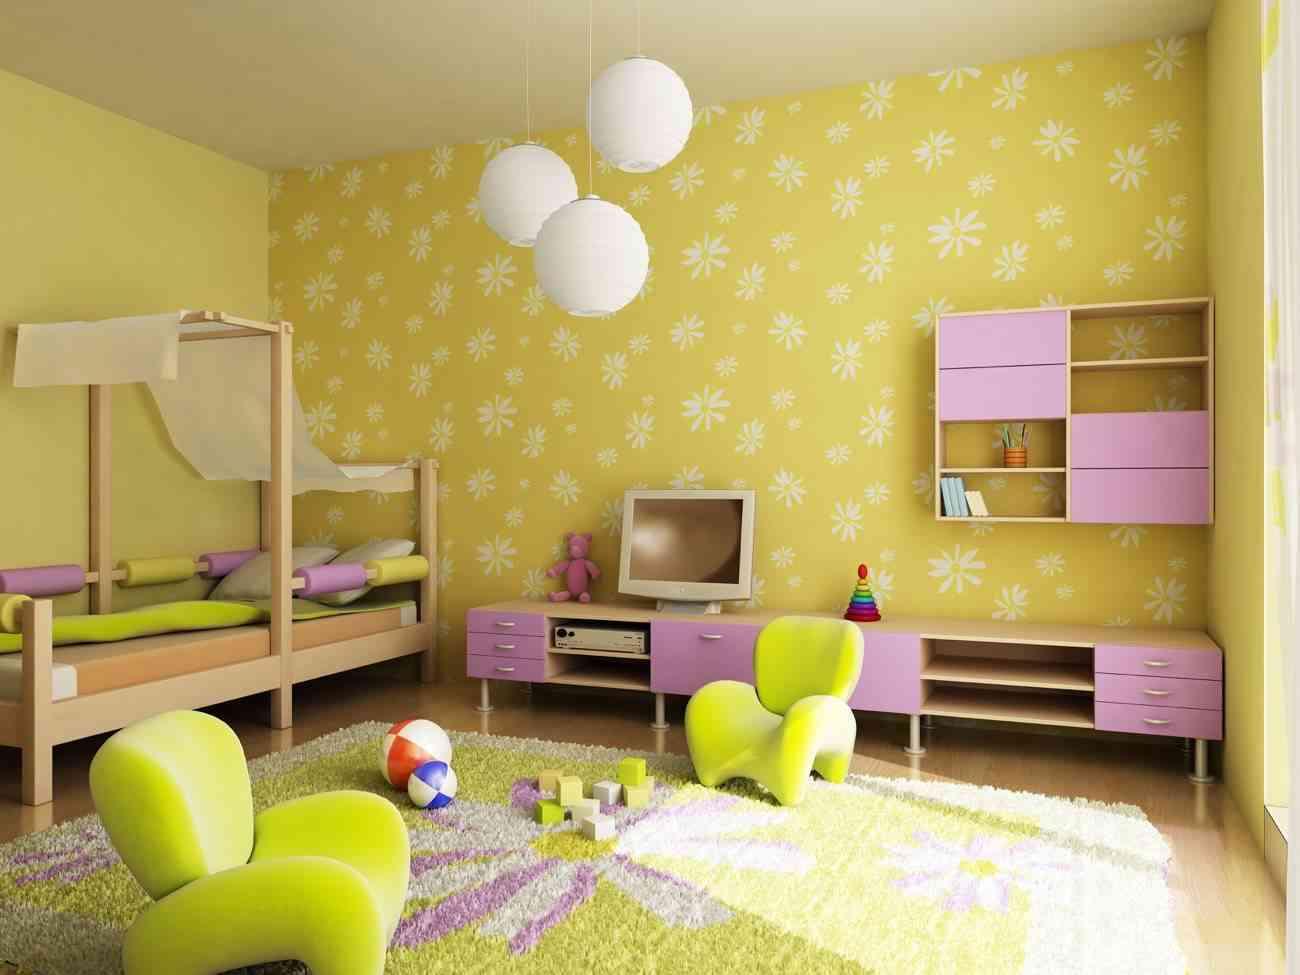 Muebles para piso peque o muy econ micos for Muebles muy baratos